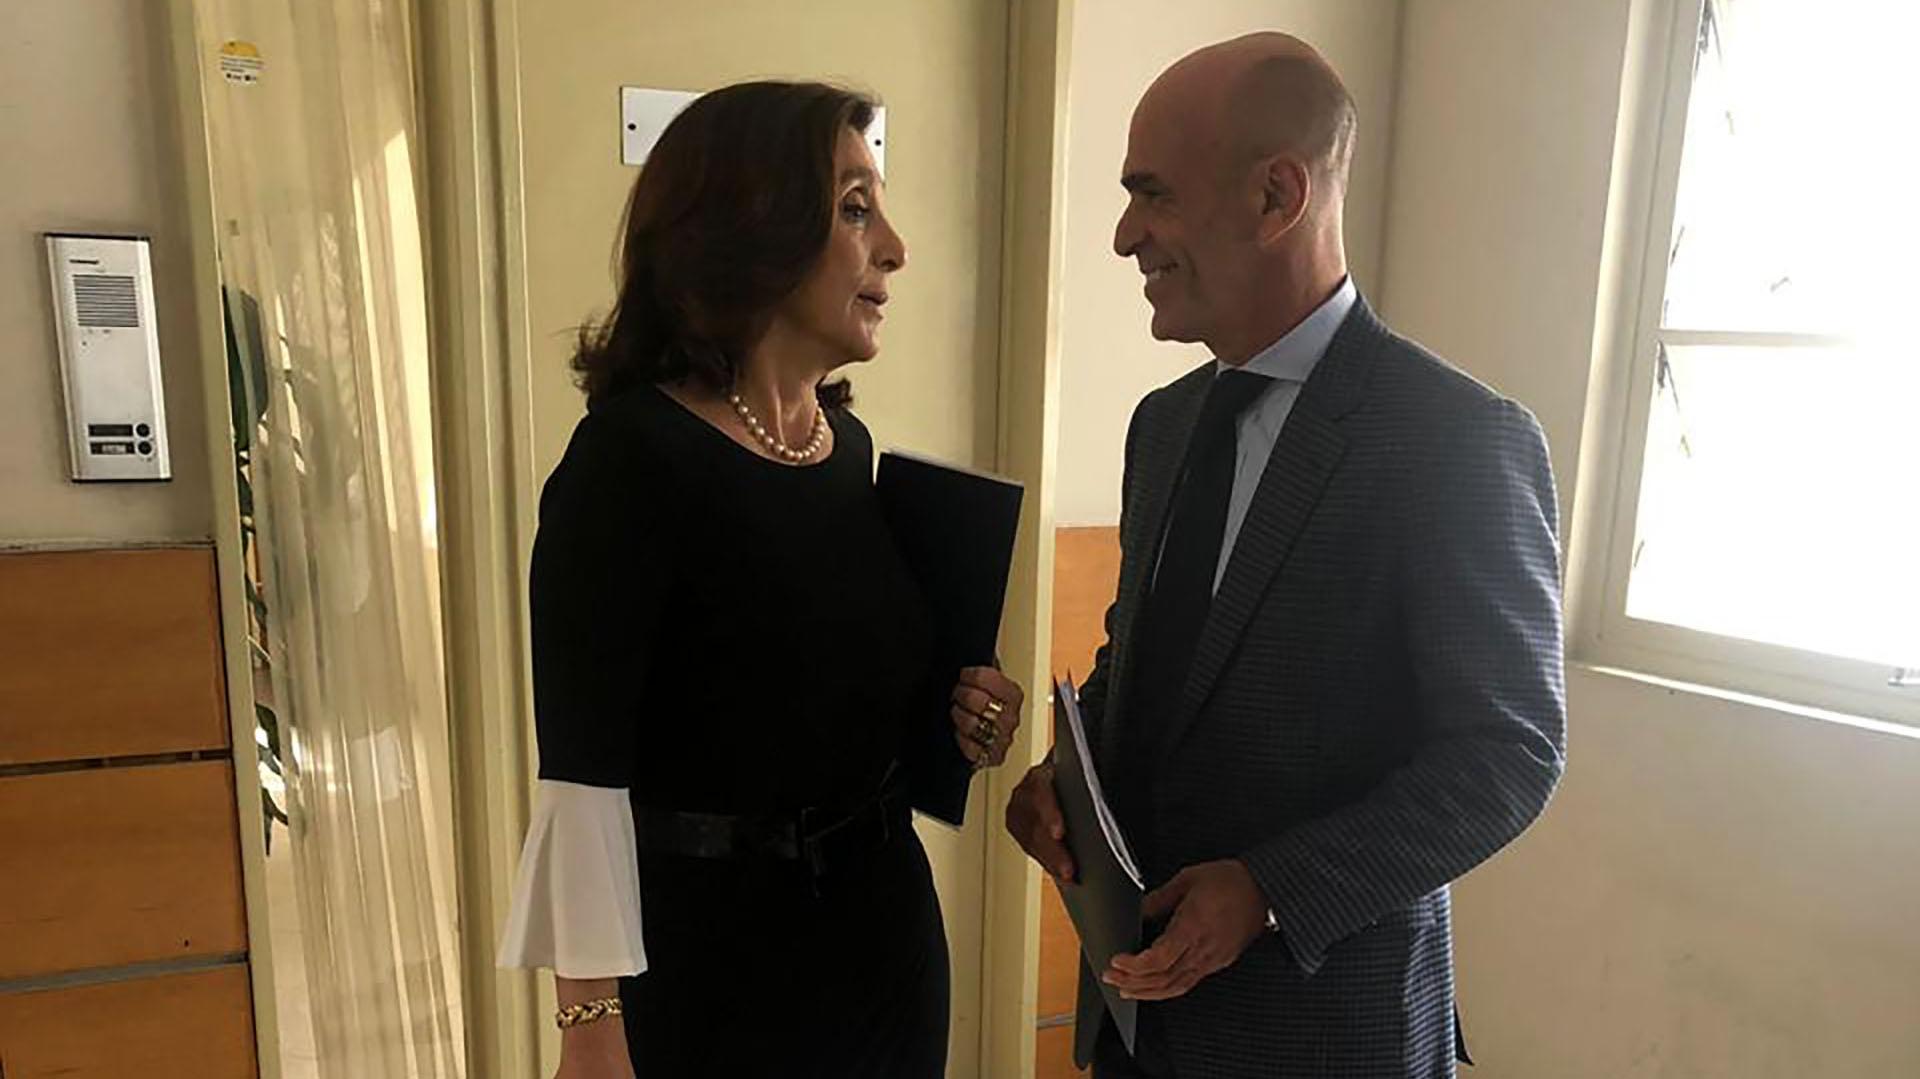 Silvia Majdalani y Gustavo Arribas antes de ingresar a su exposición frente a los legisladores